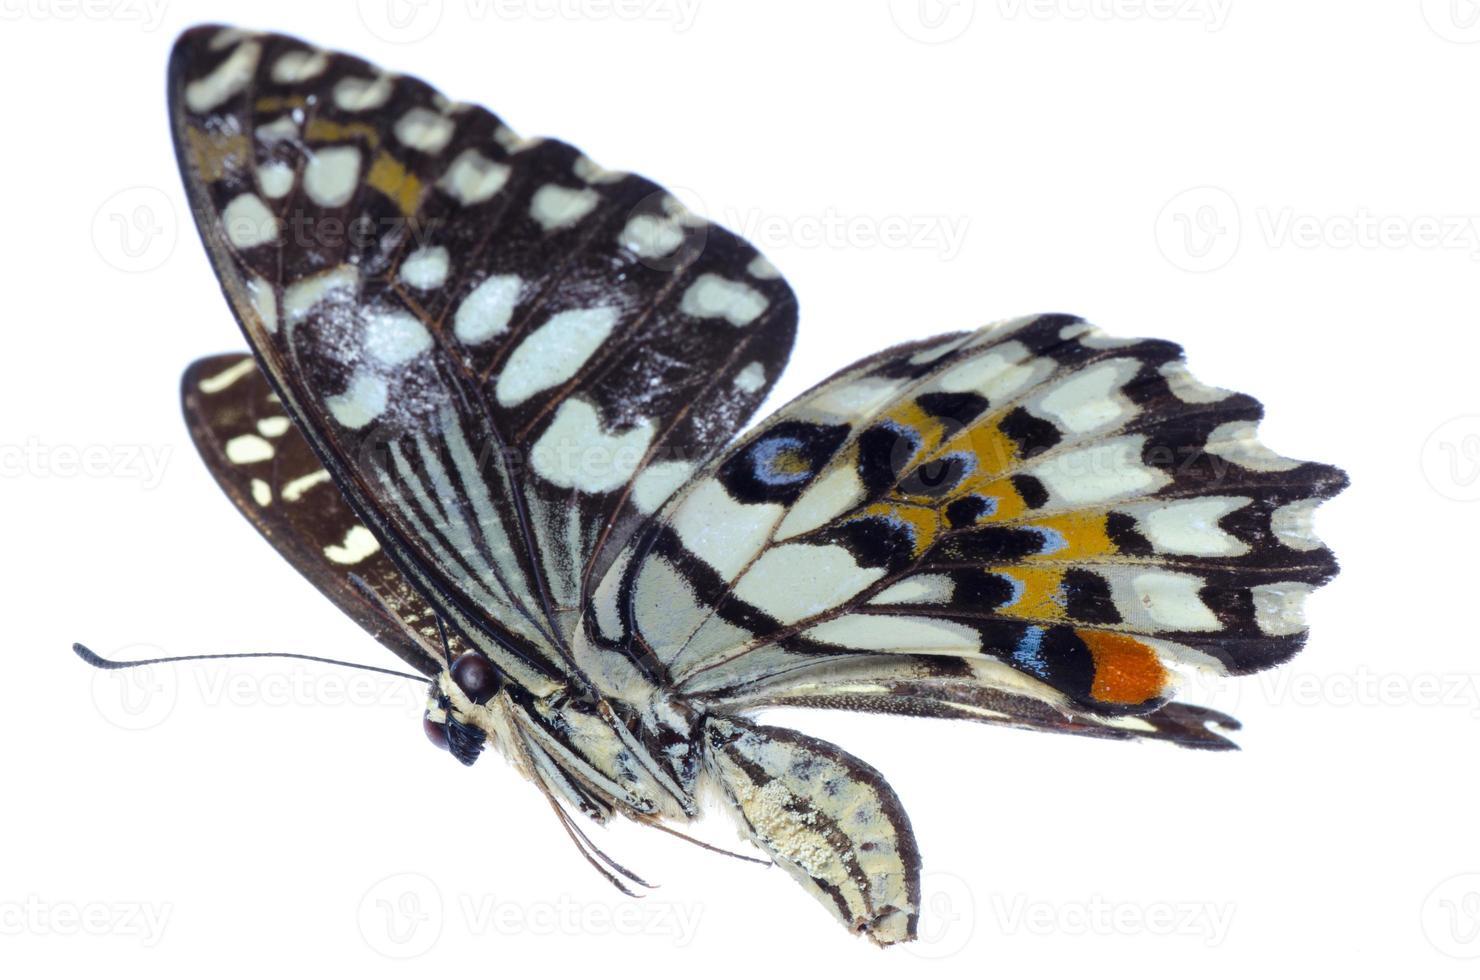 farfalla volante della coda di rondine dell'agrume volante foto